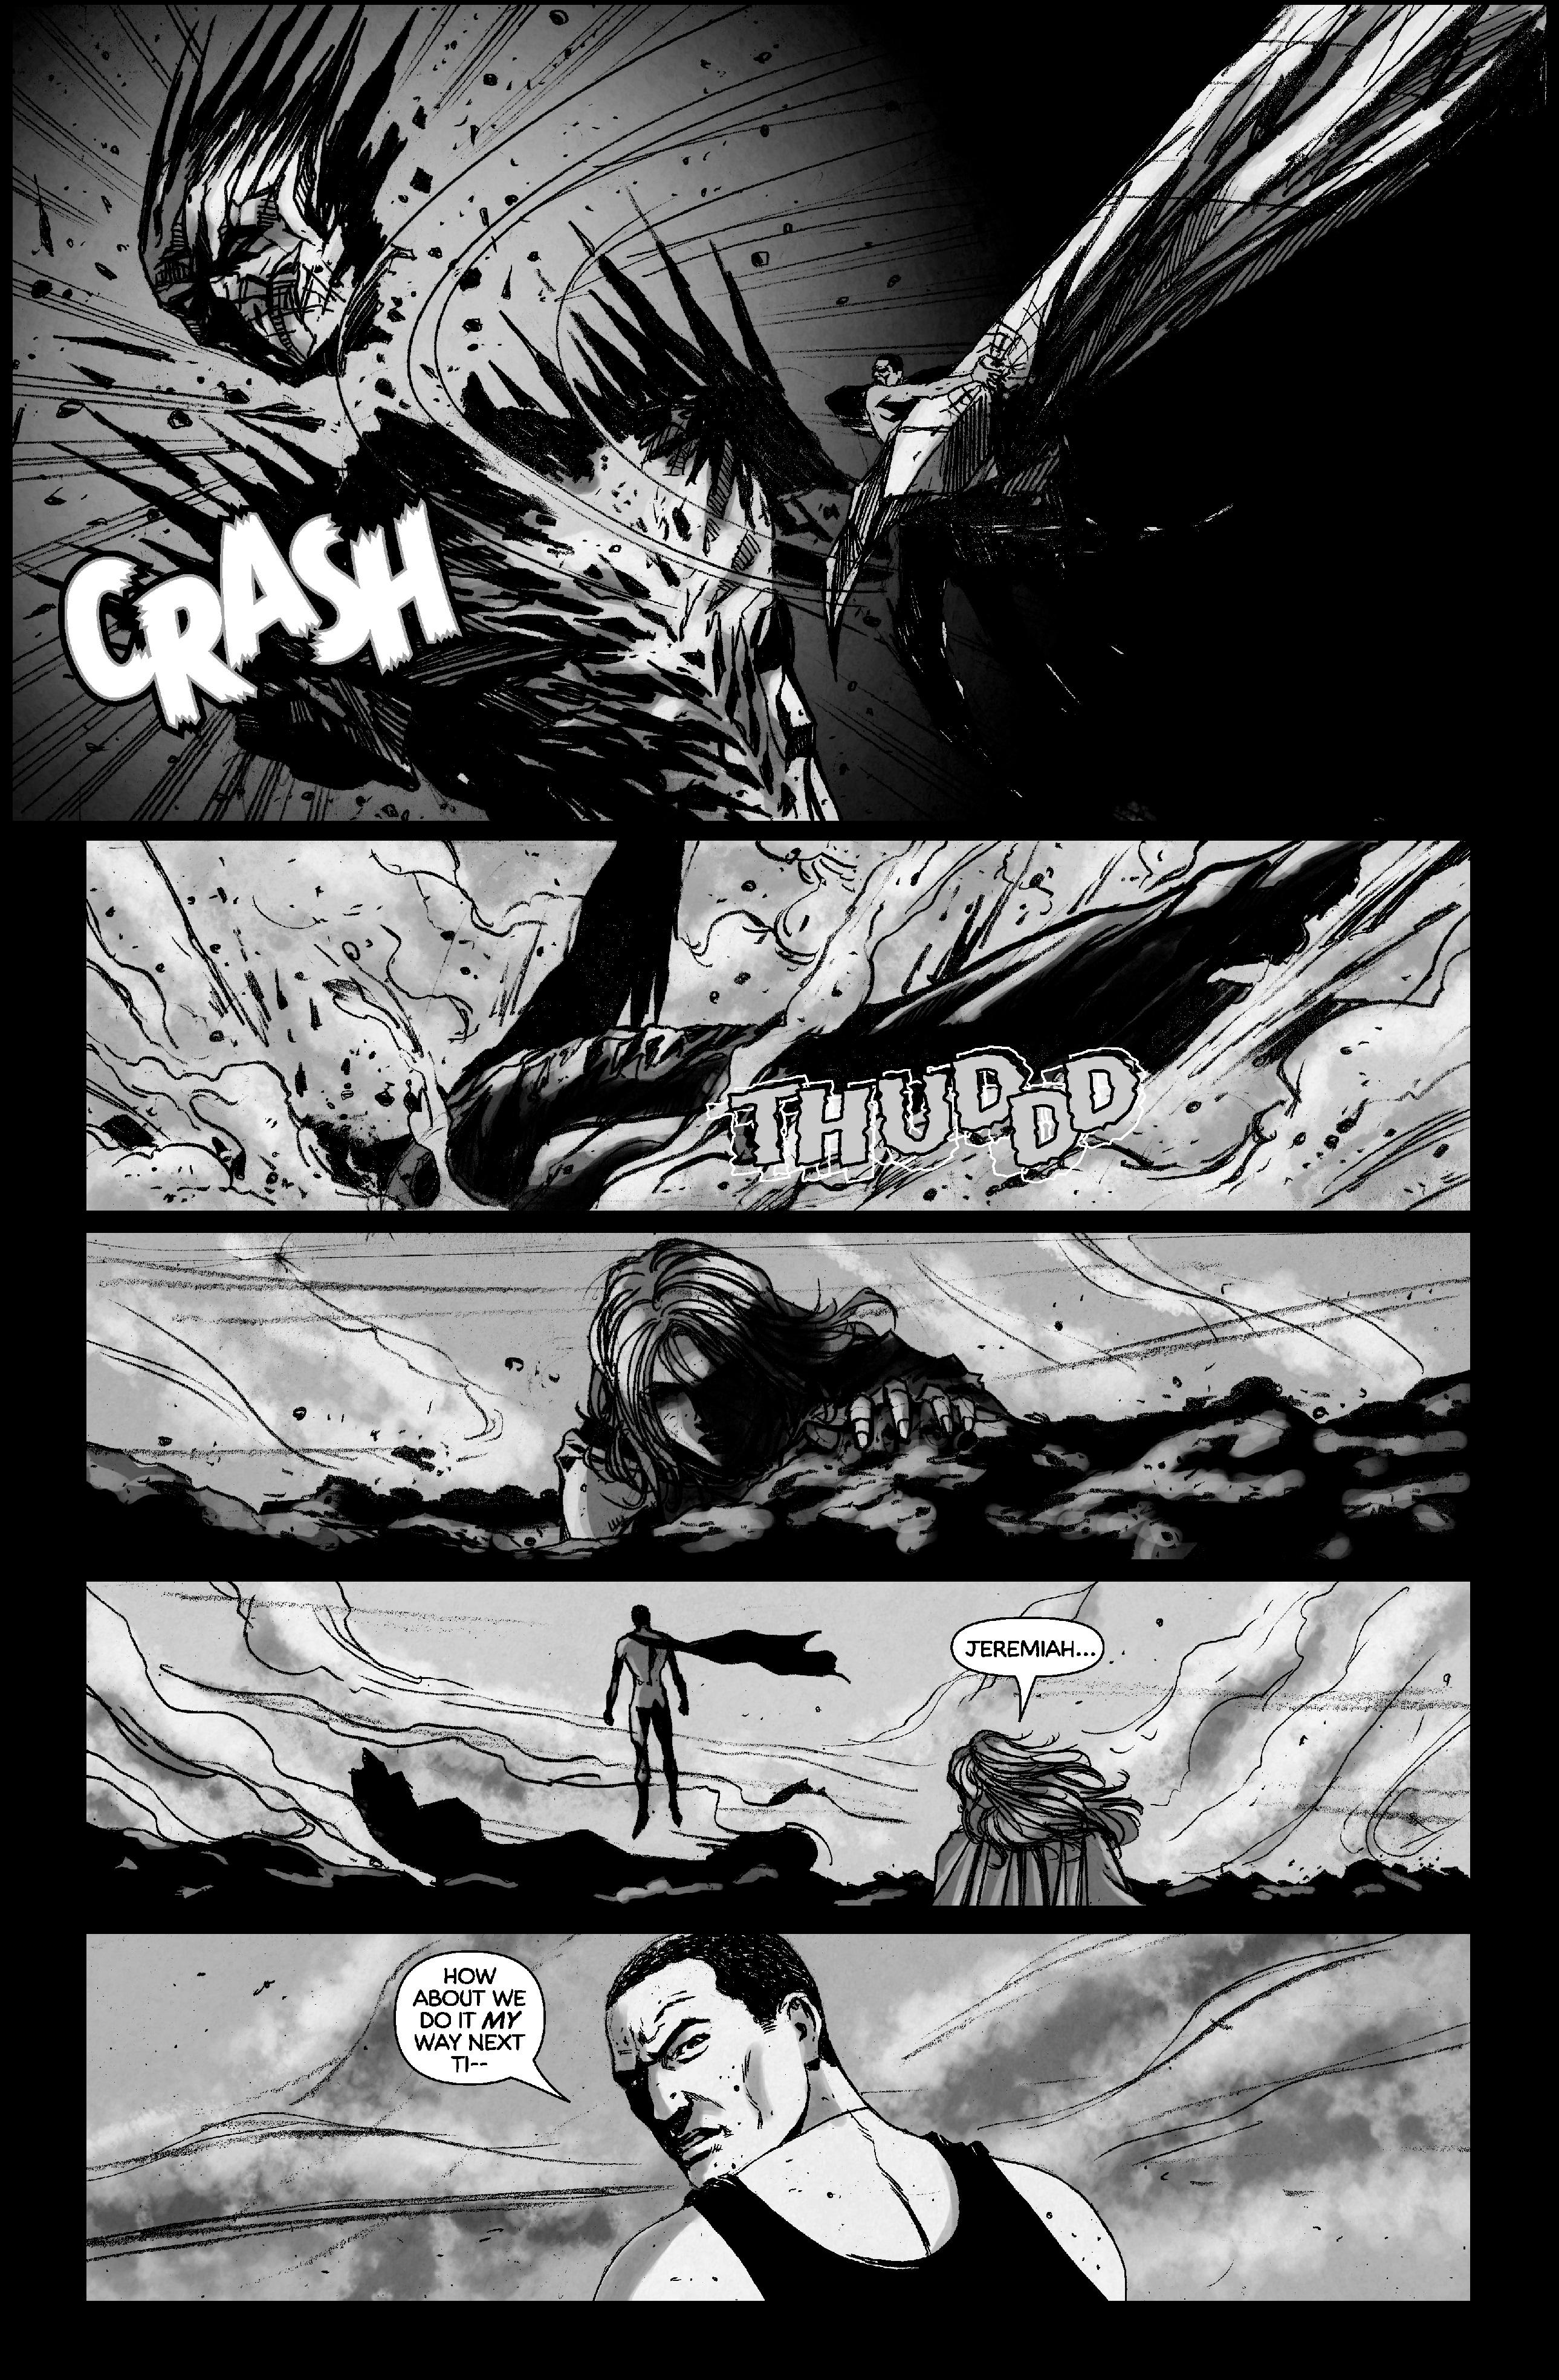 (19) Crash Thud